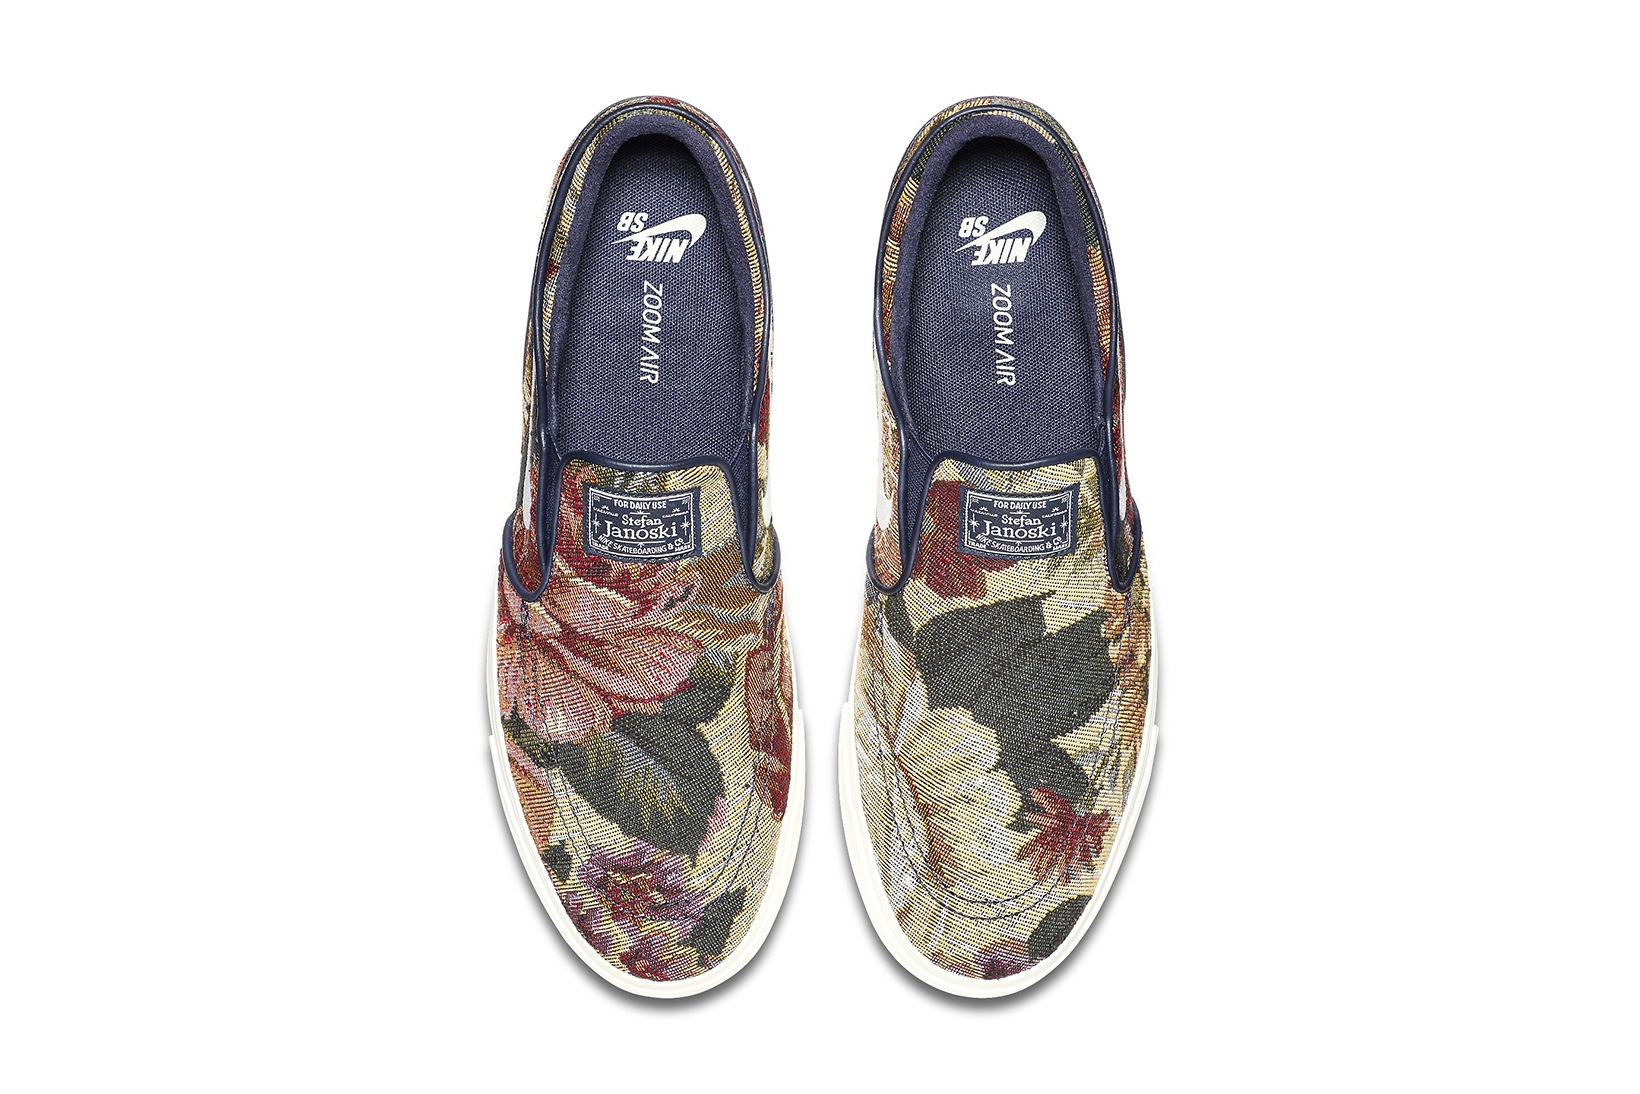 Slip-On Nike SBs Floral 3